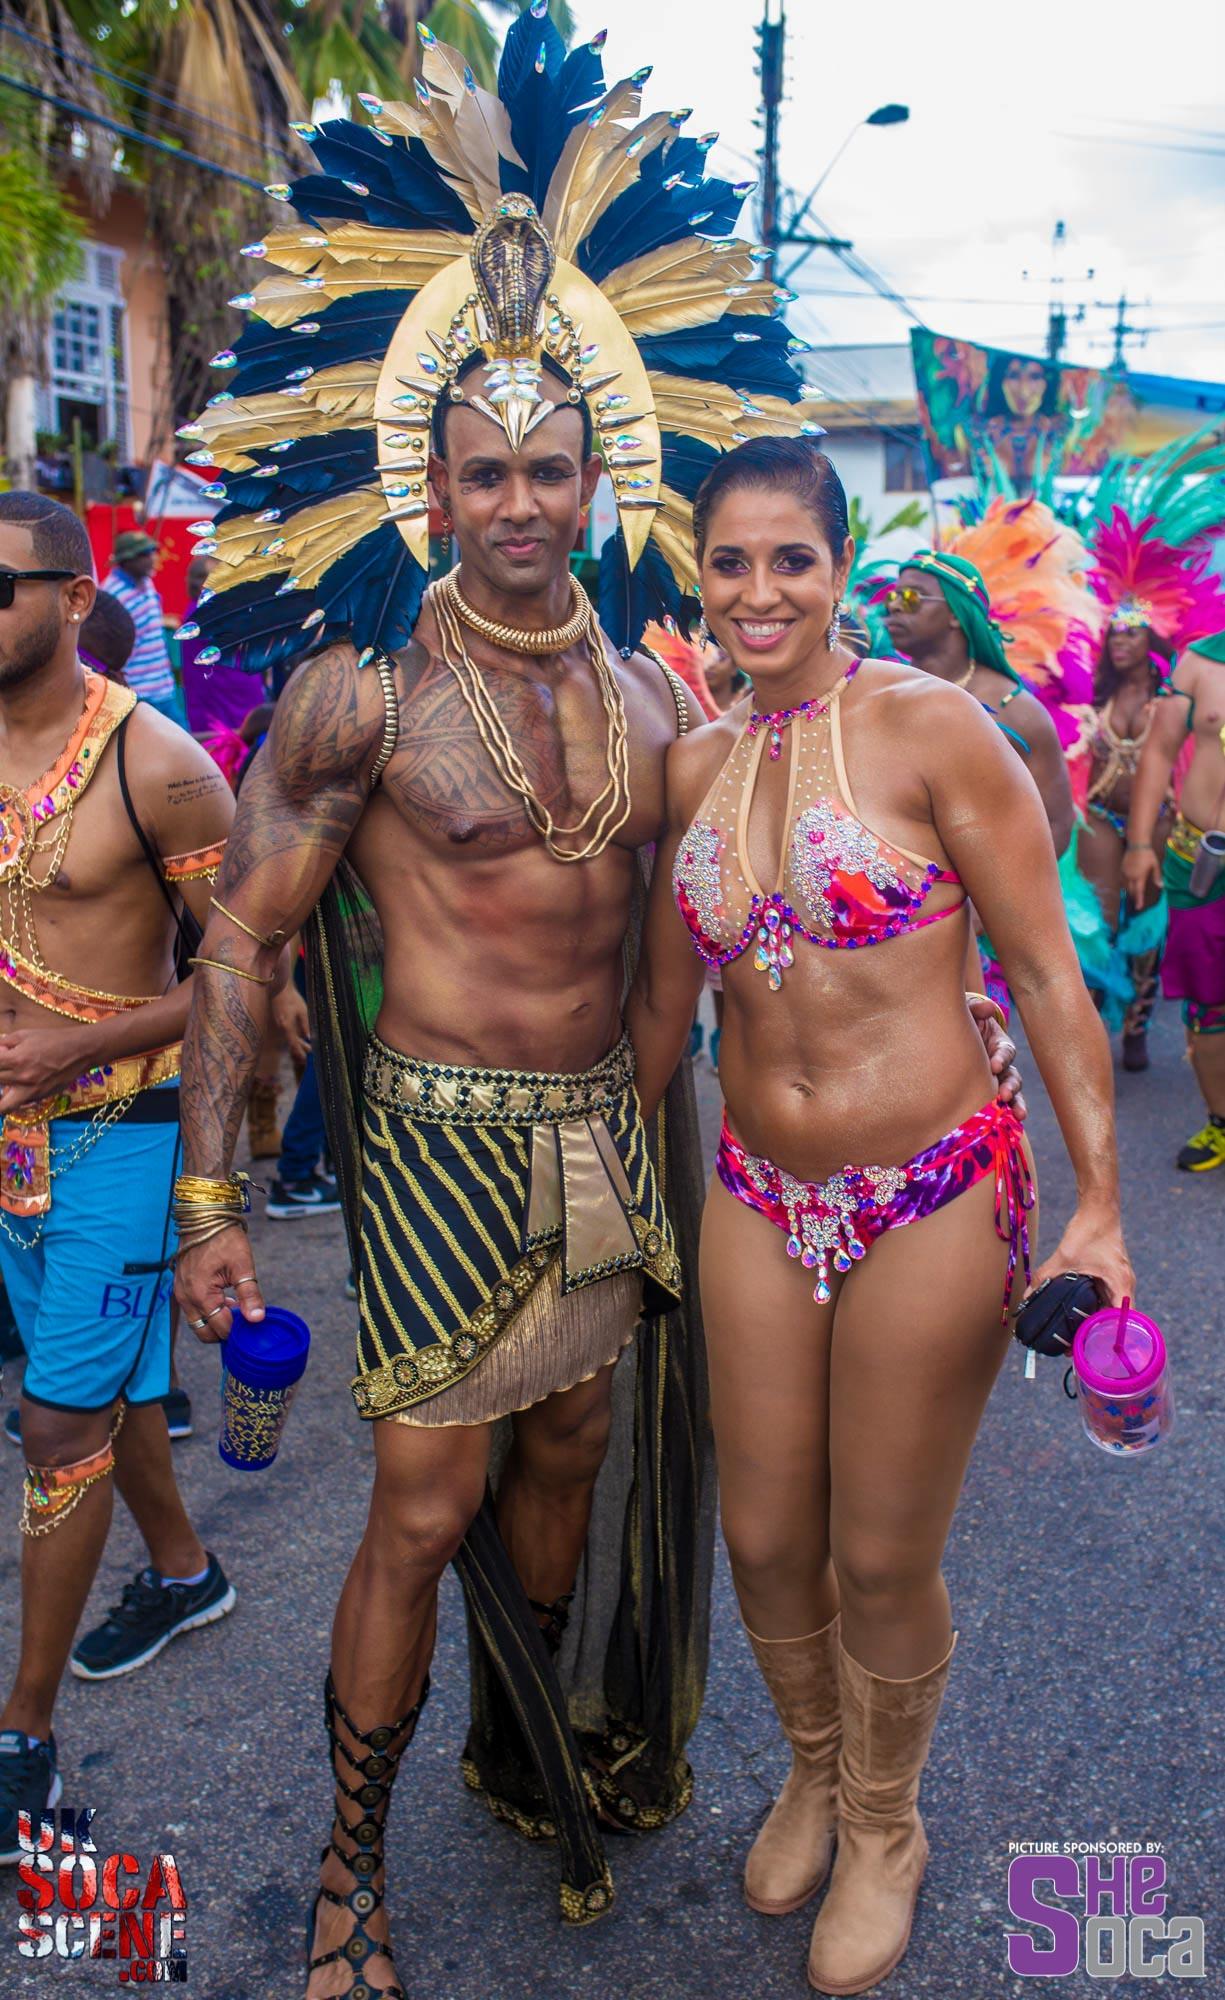 Trinidad men